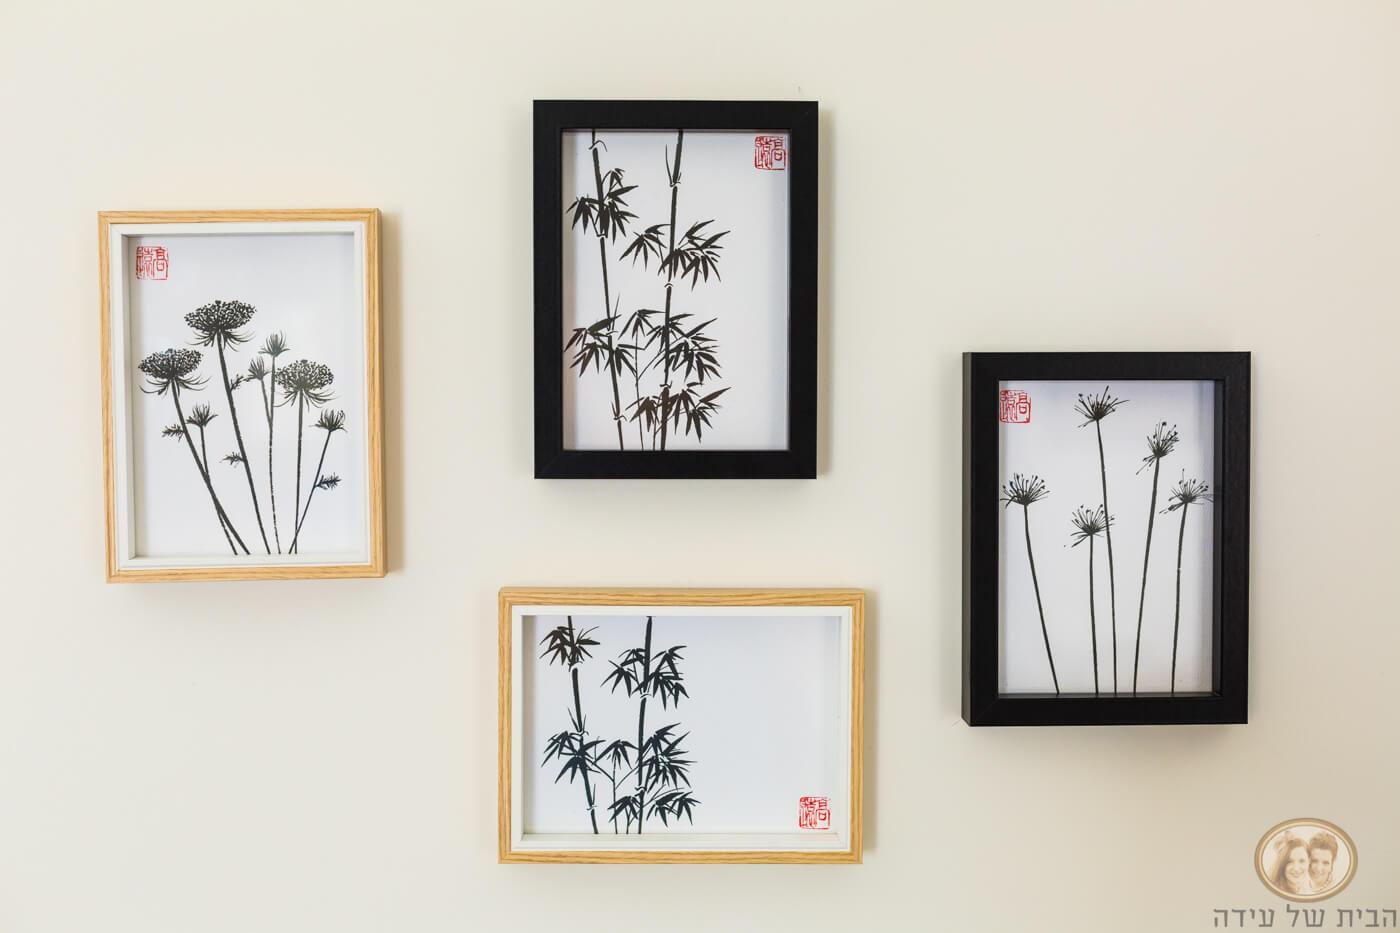 תמונות בסגנון יפני